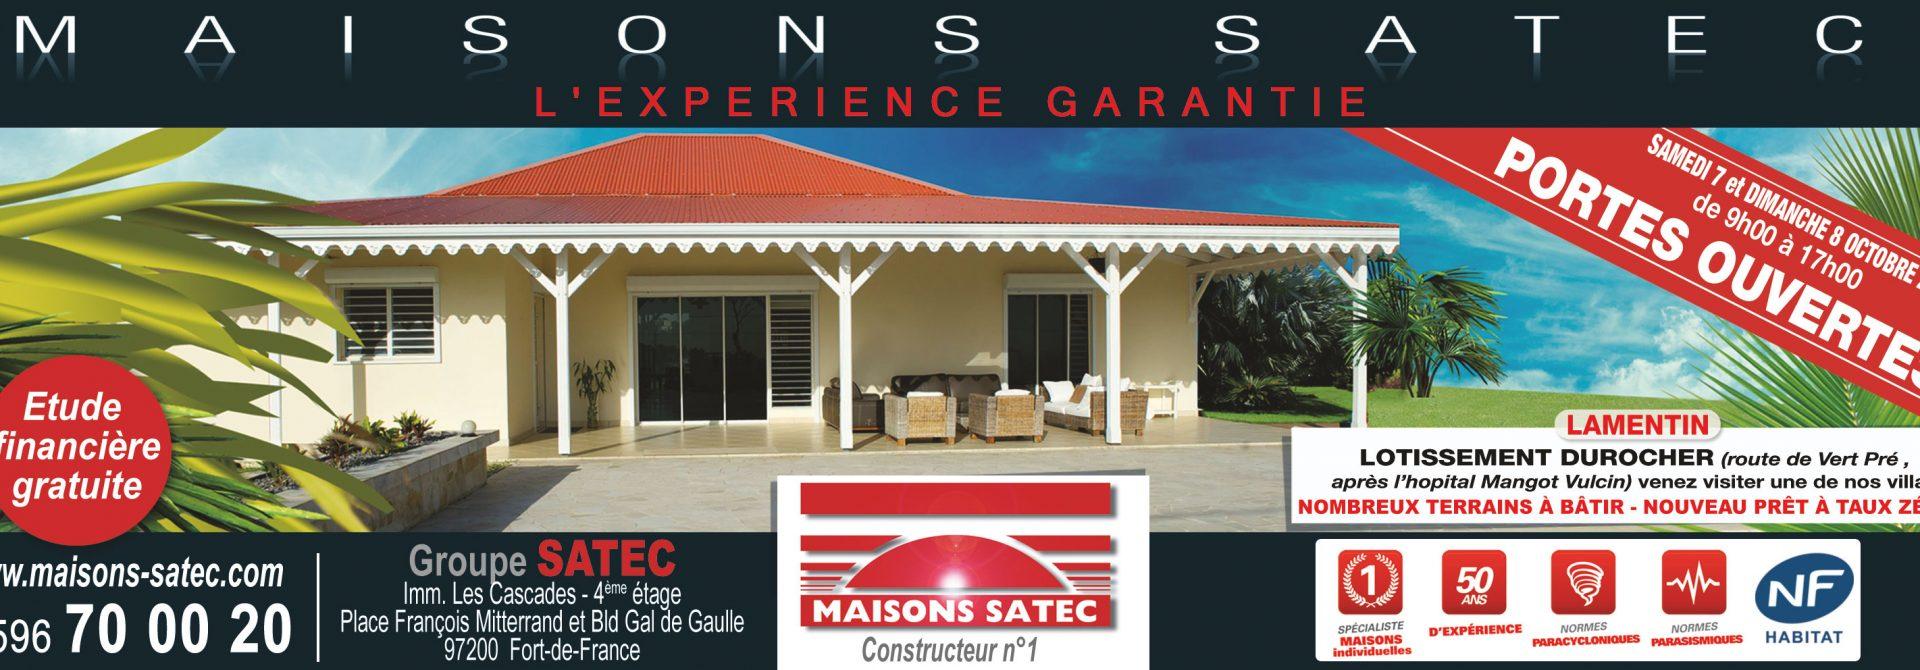 MAISONS-SATEC-254x84-du-04-10-2017